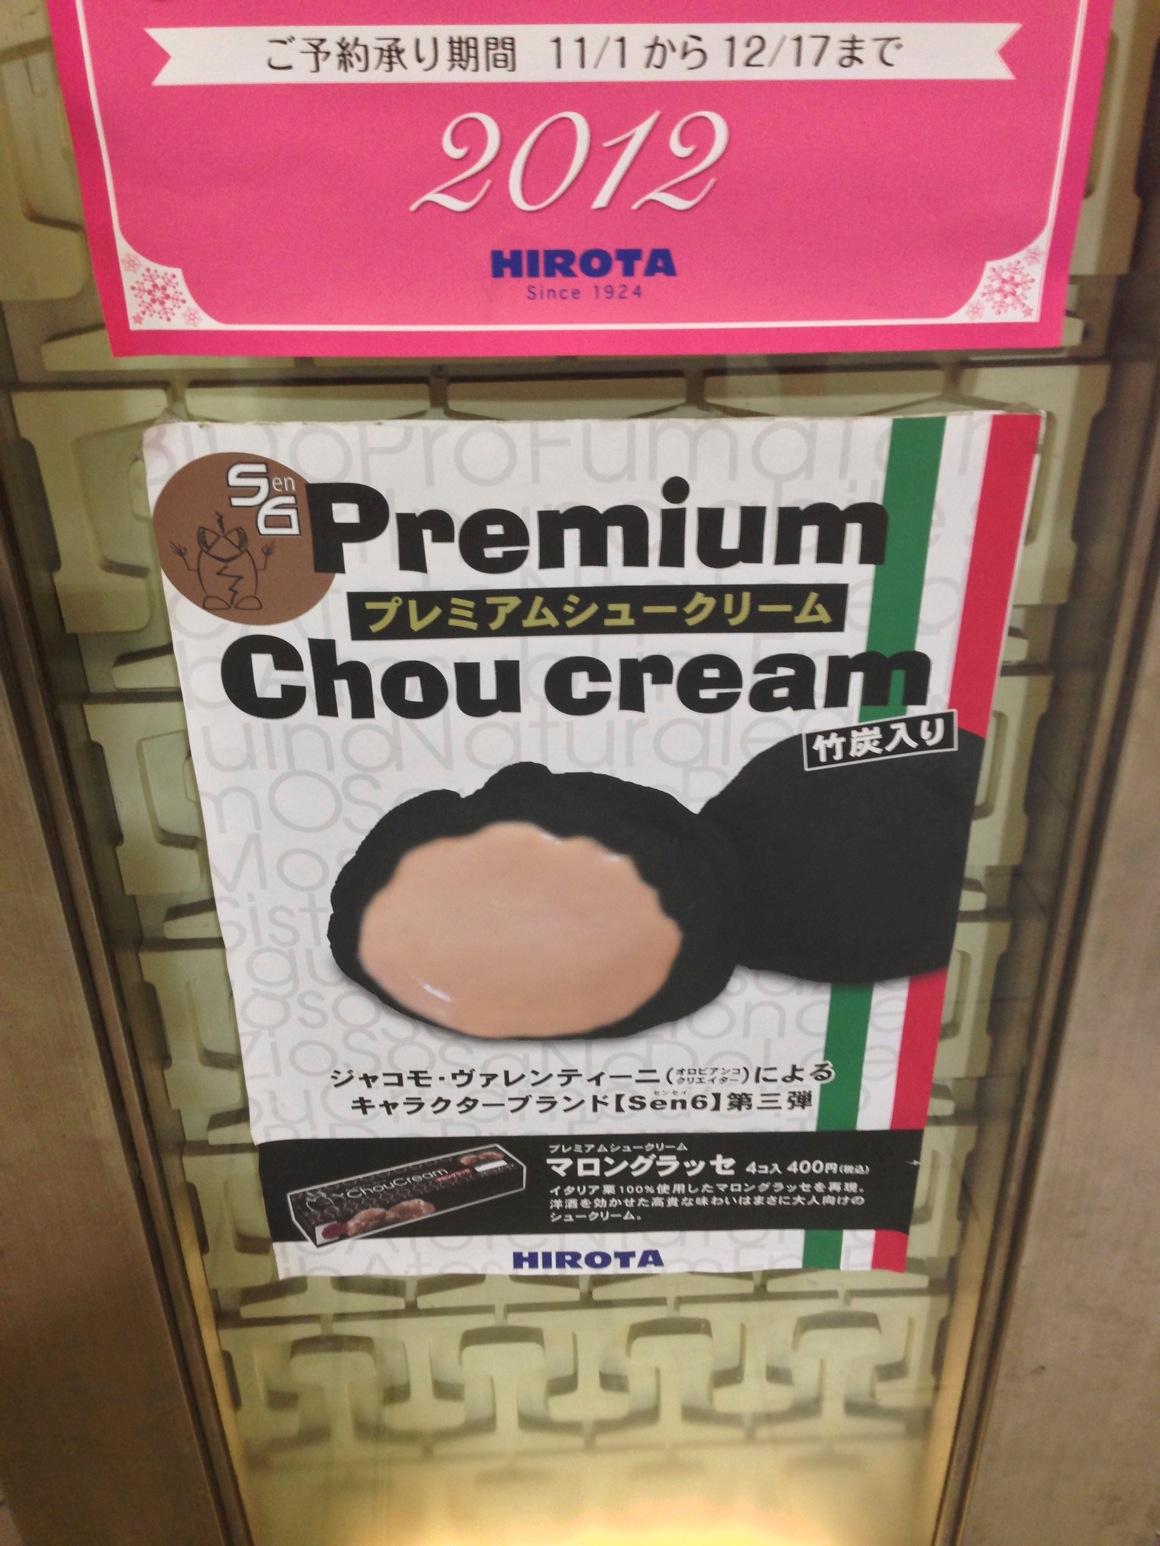 PremiumChou cream(竹炭入り)